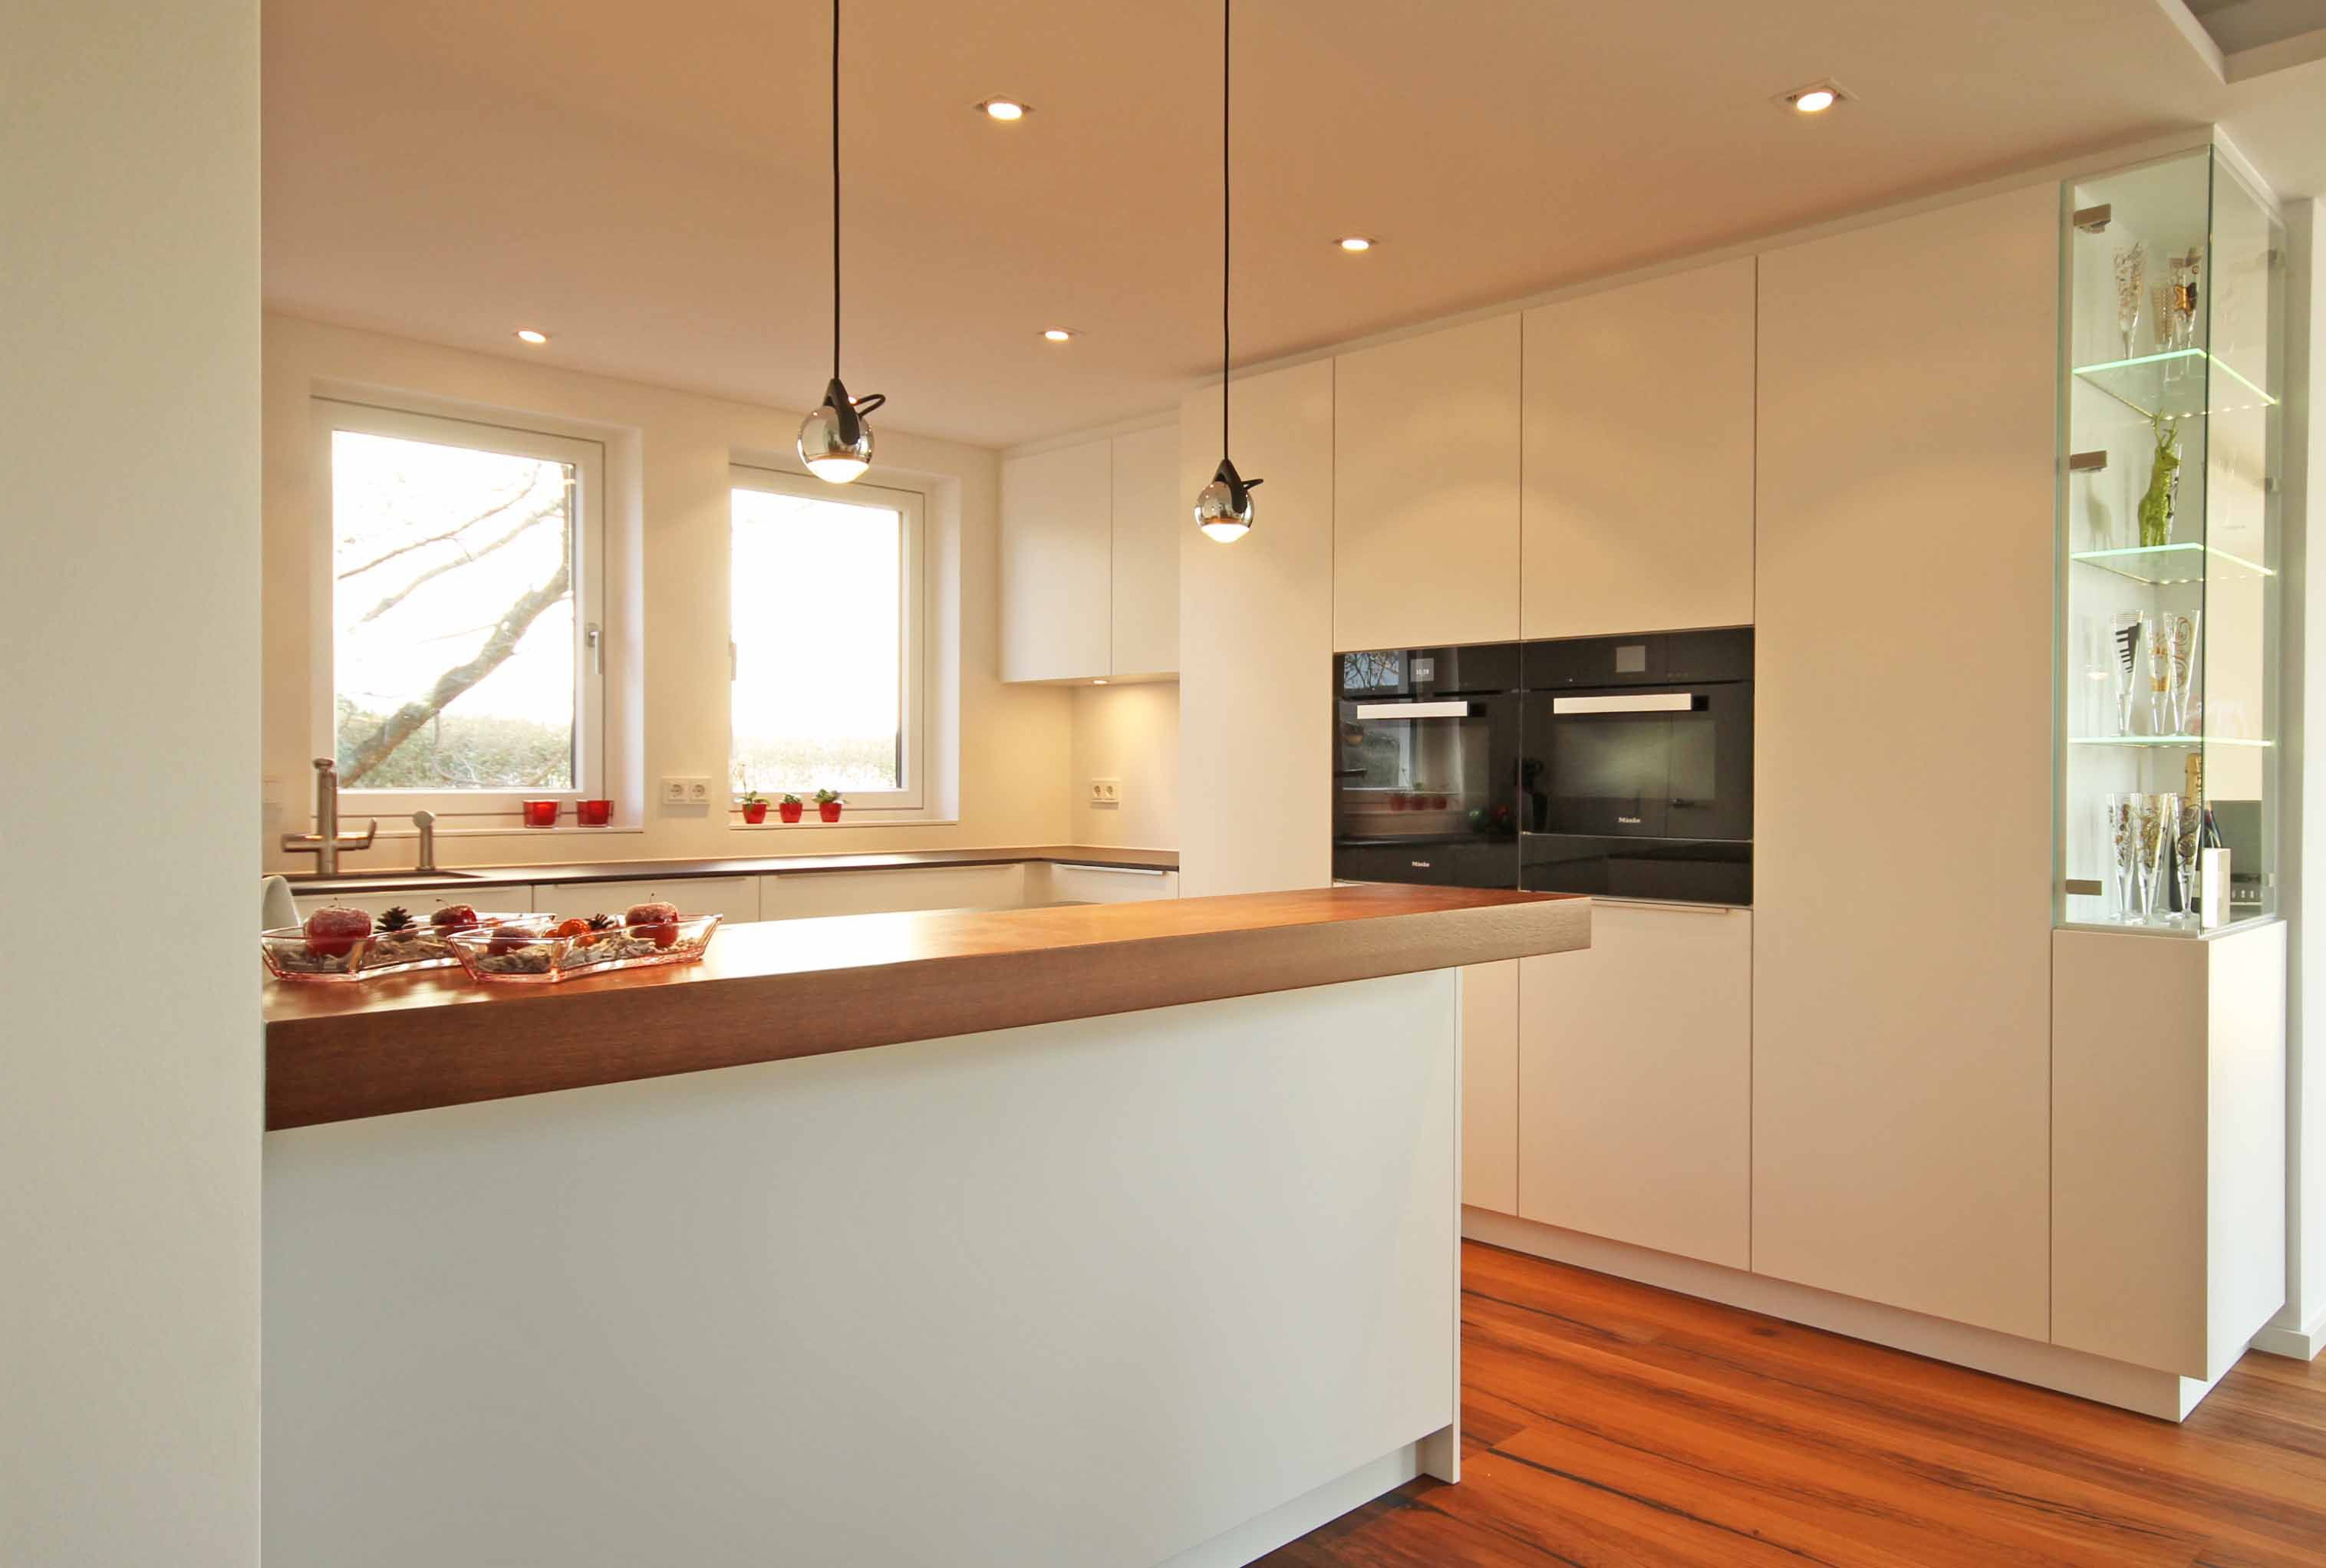 Beste 50s Küchenbeleuchtung Galerie - Ideen Für Die Küche Dekoration ...